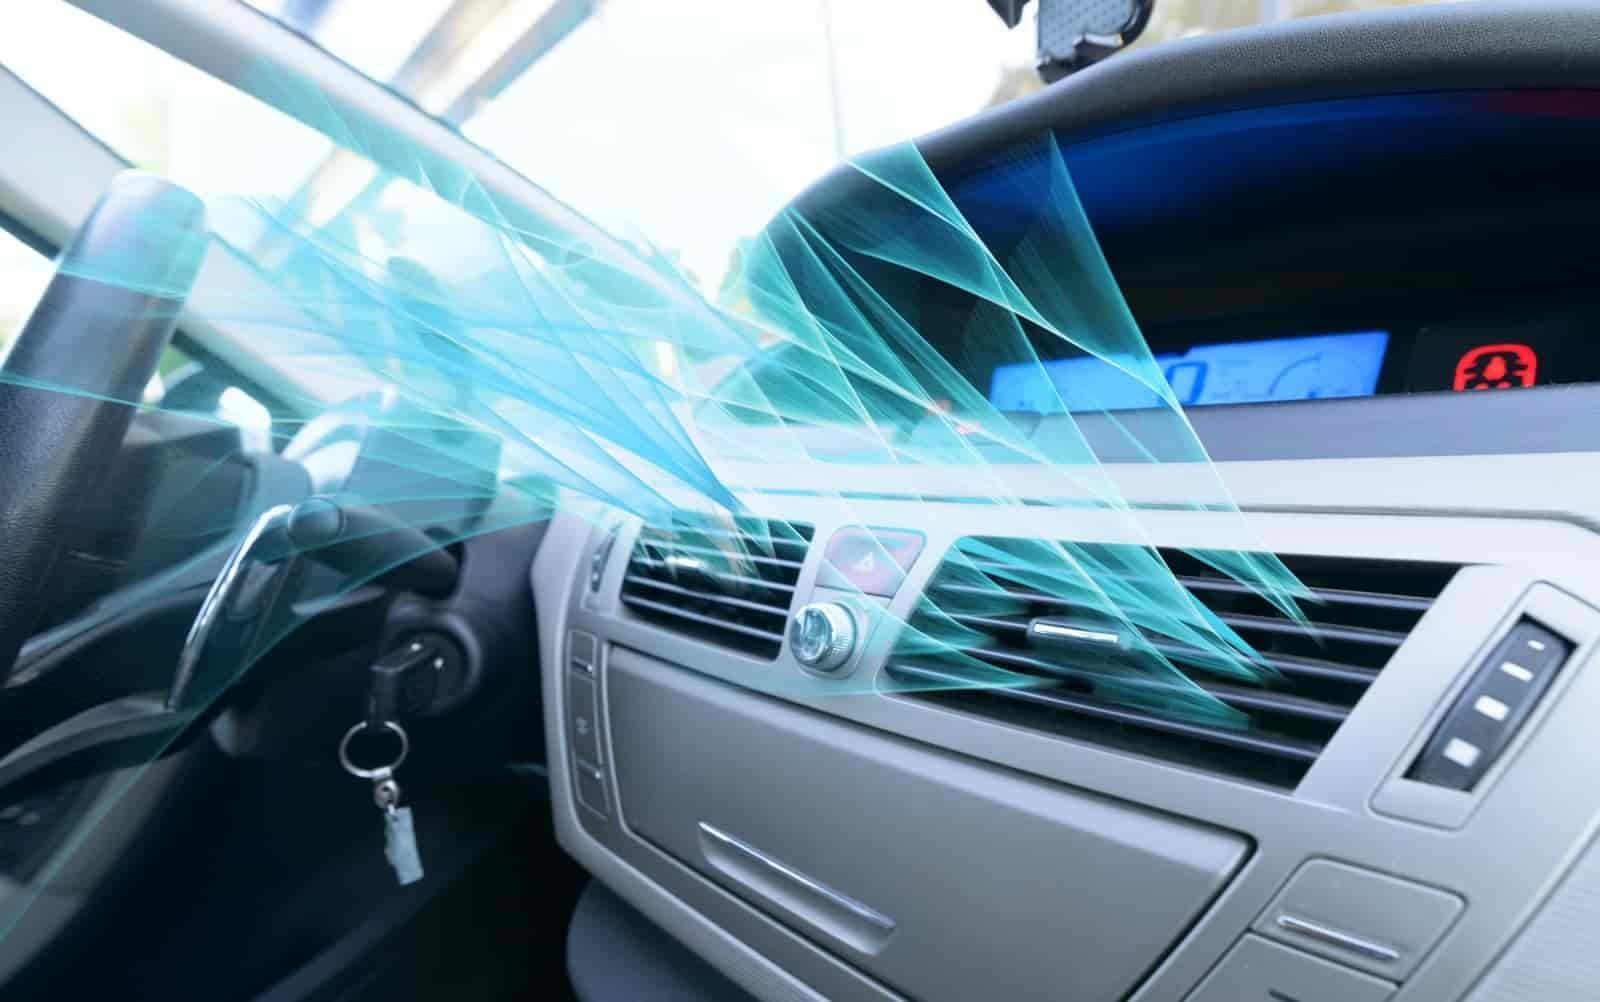 klimatizácia, spotreba paliva, spotreba energie, ochladenie auta